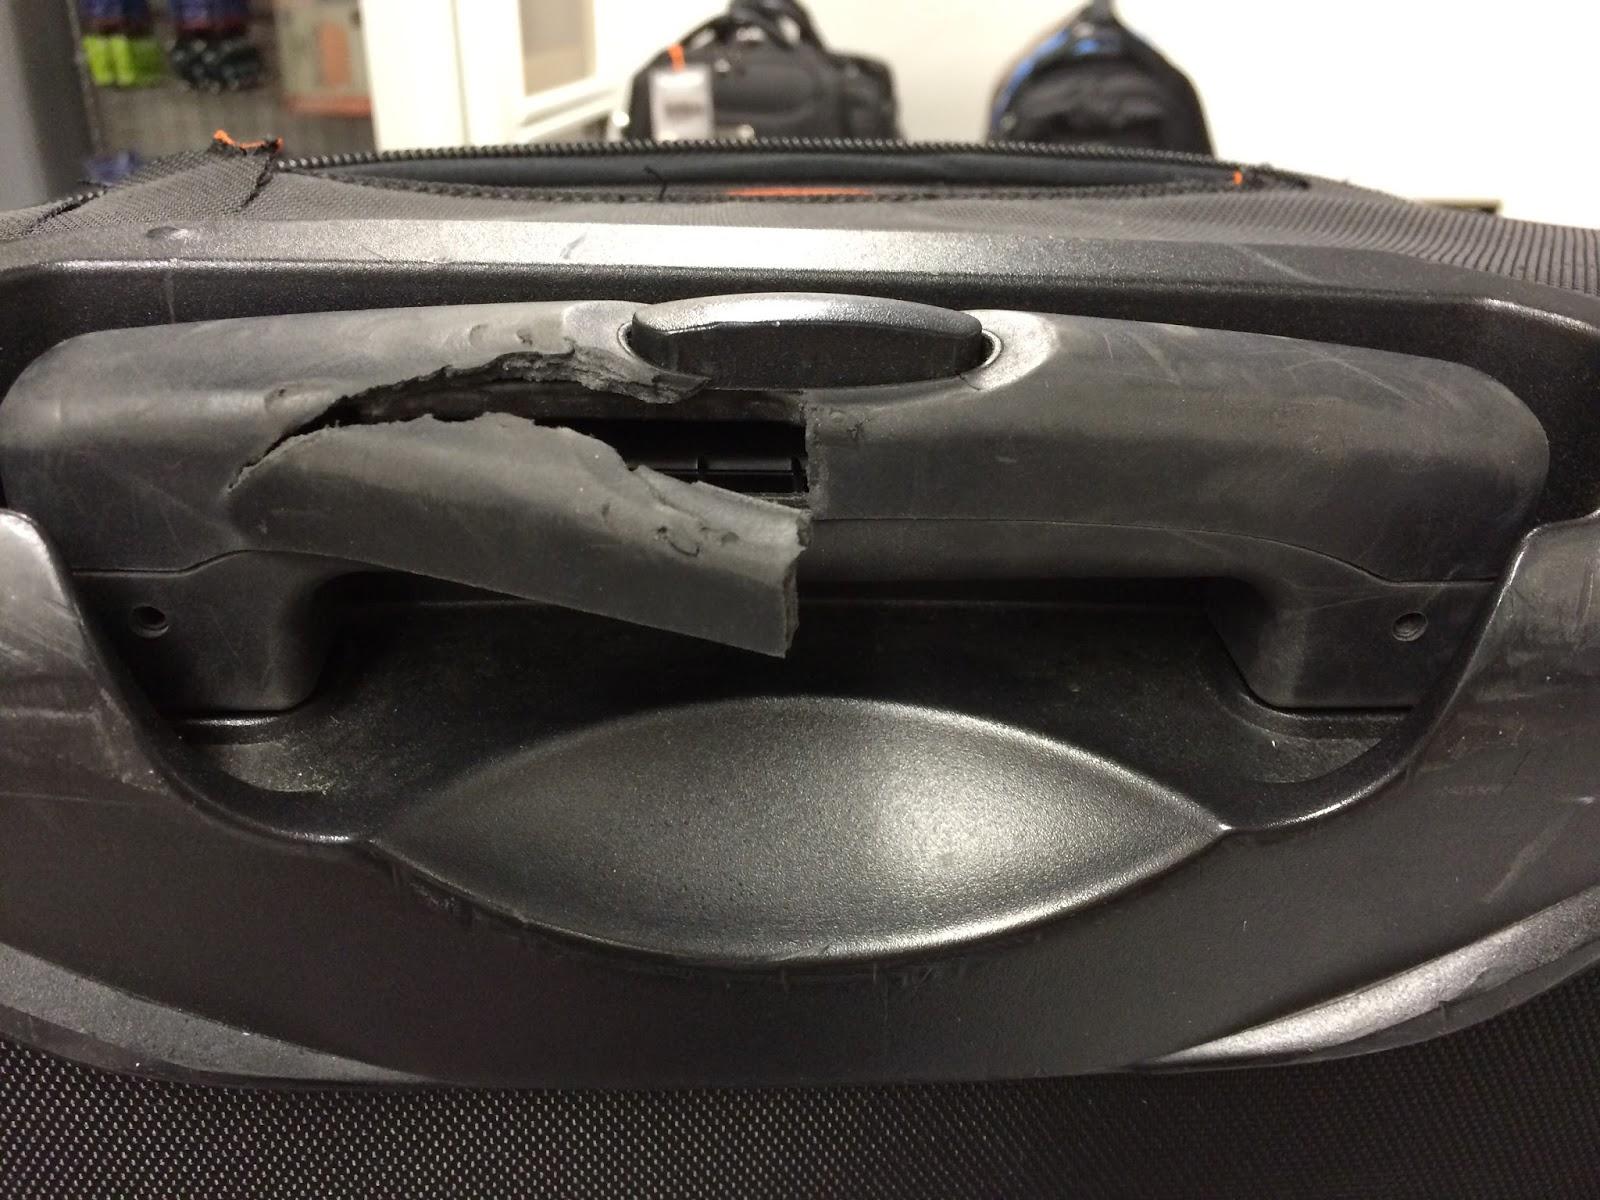 Tein vahinkoilmoituksen ja mieheni vei laukun Stockan laukkuosastolle 6846b88a6f